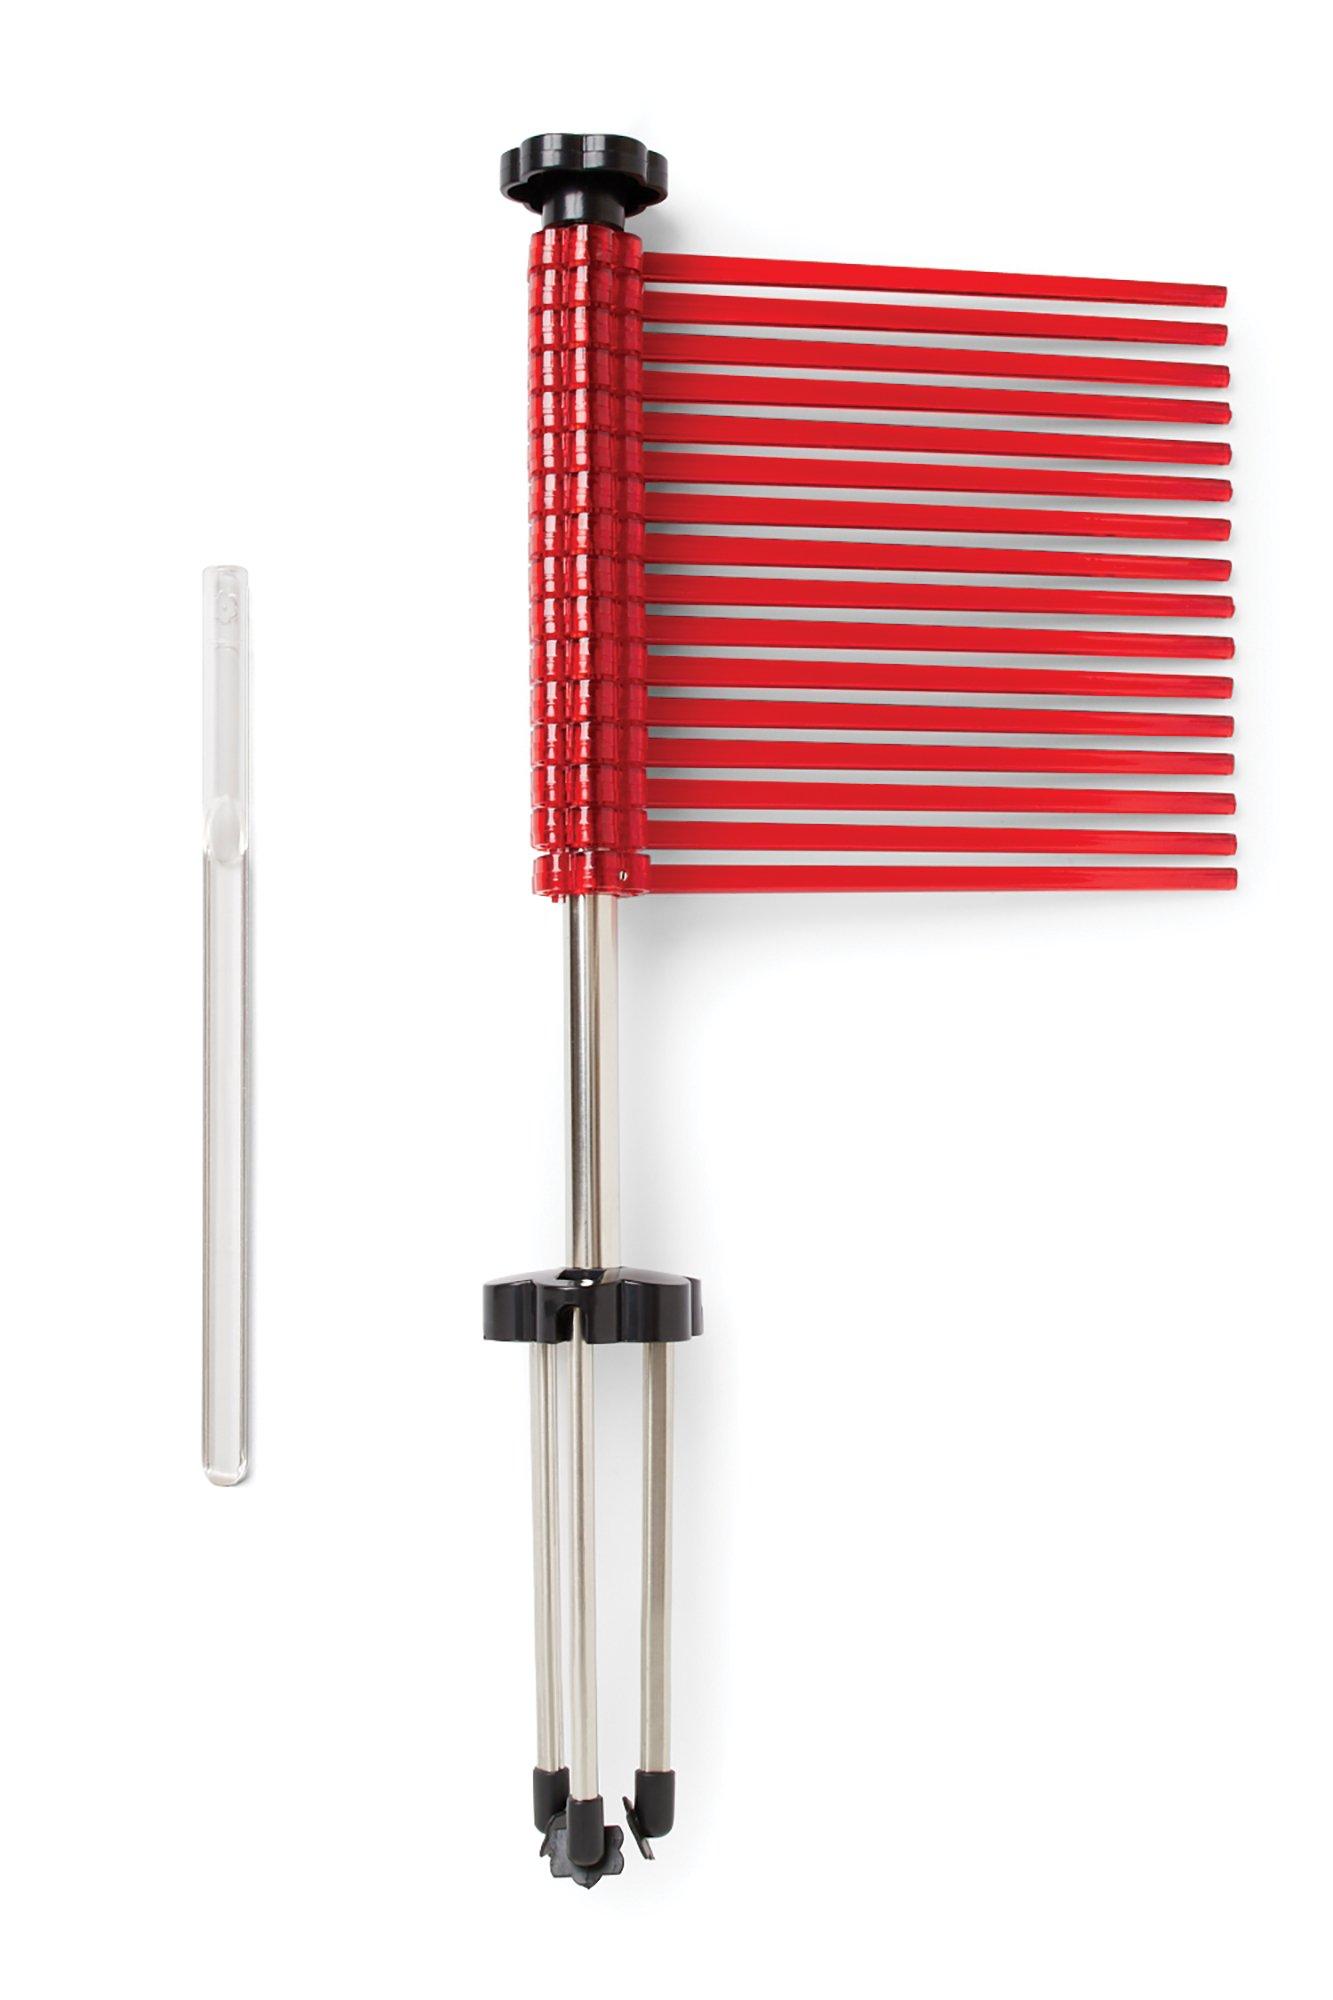 Fox Run 11654 Pasta Drying Rack, 18.5'', Red by Fox Run (Image #4)